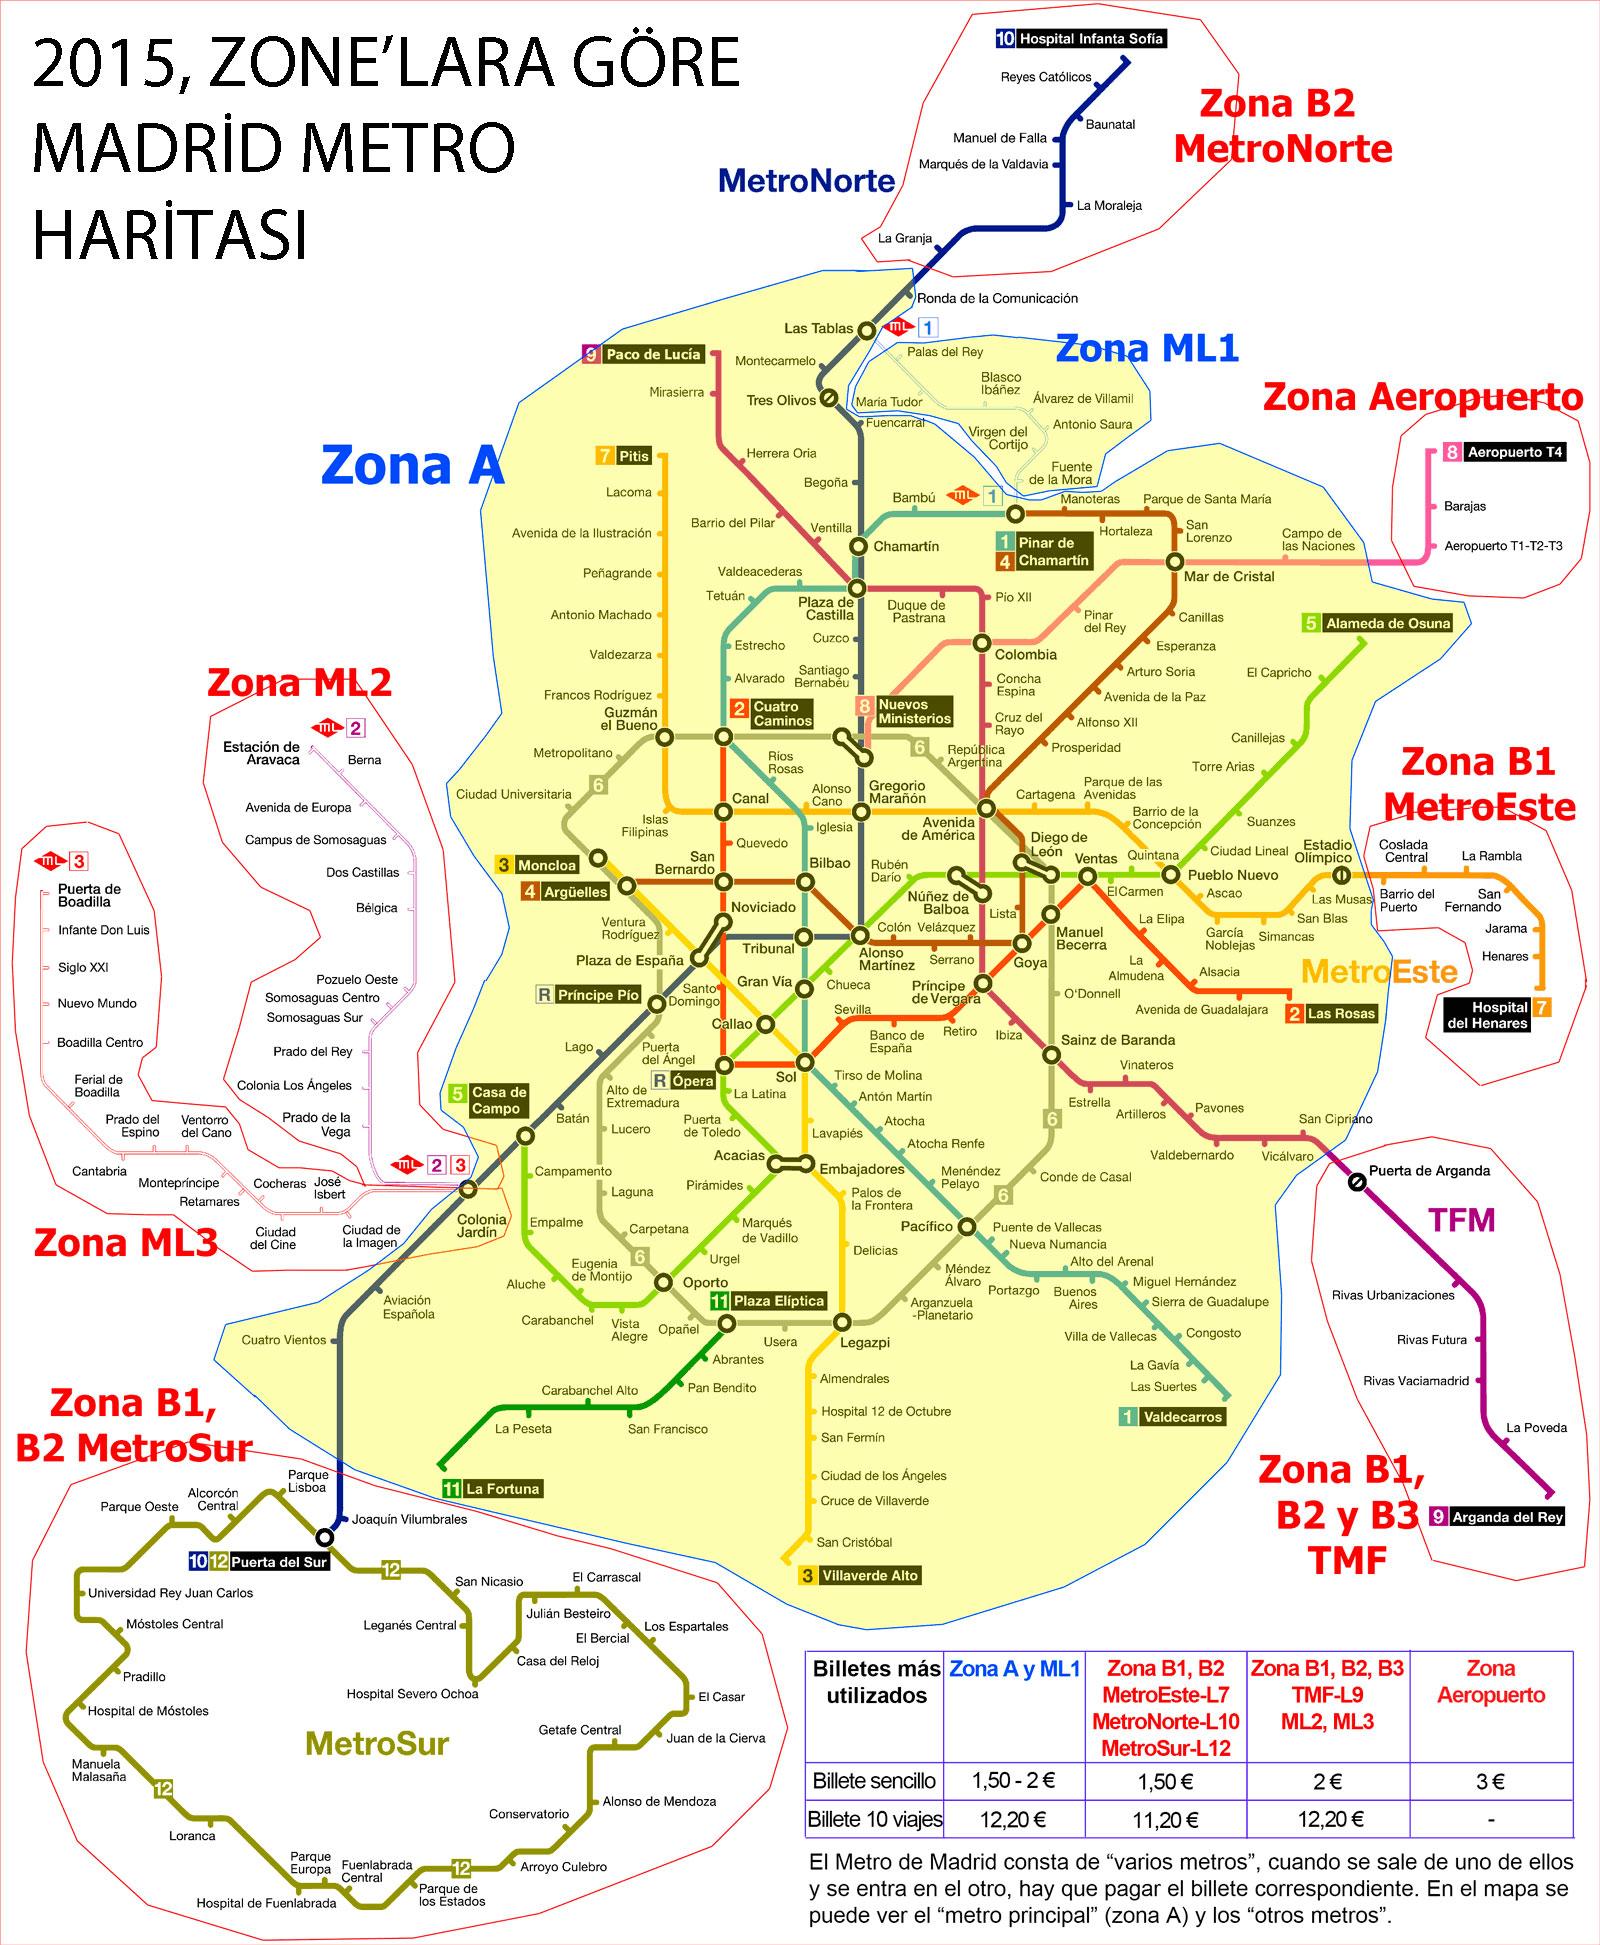 madrid metro haritasi